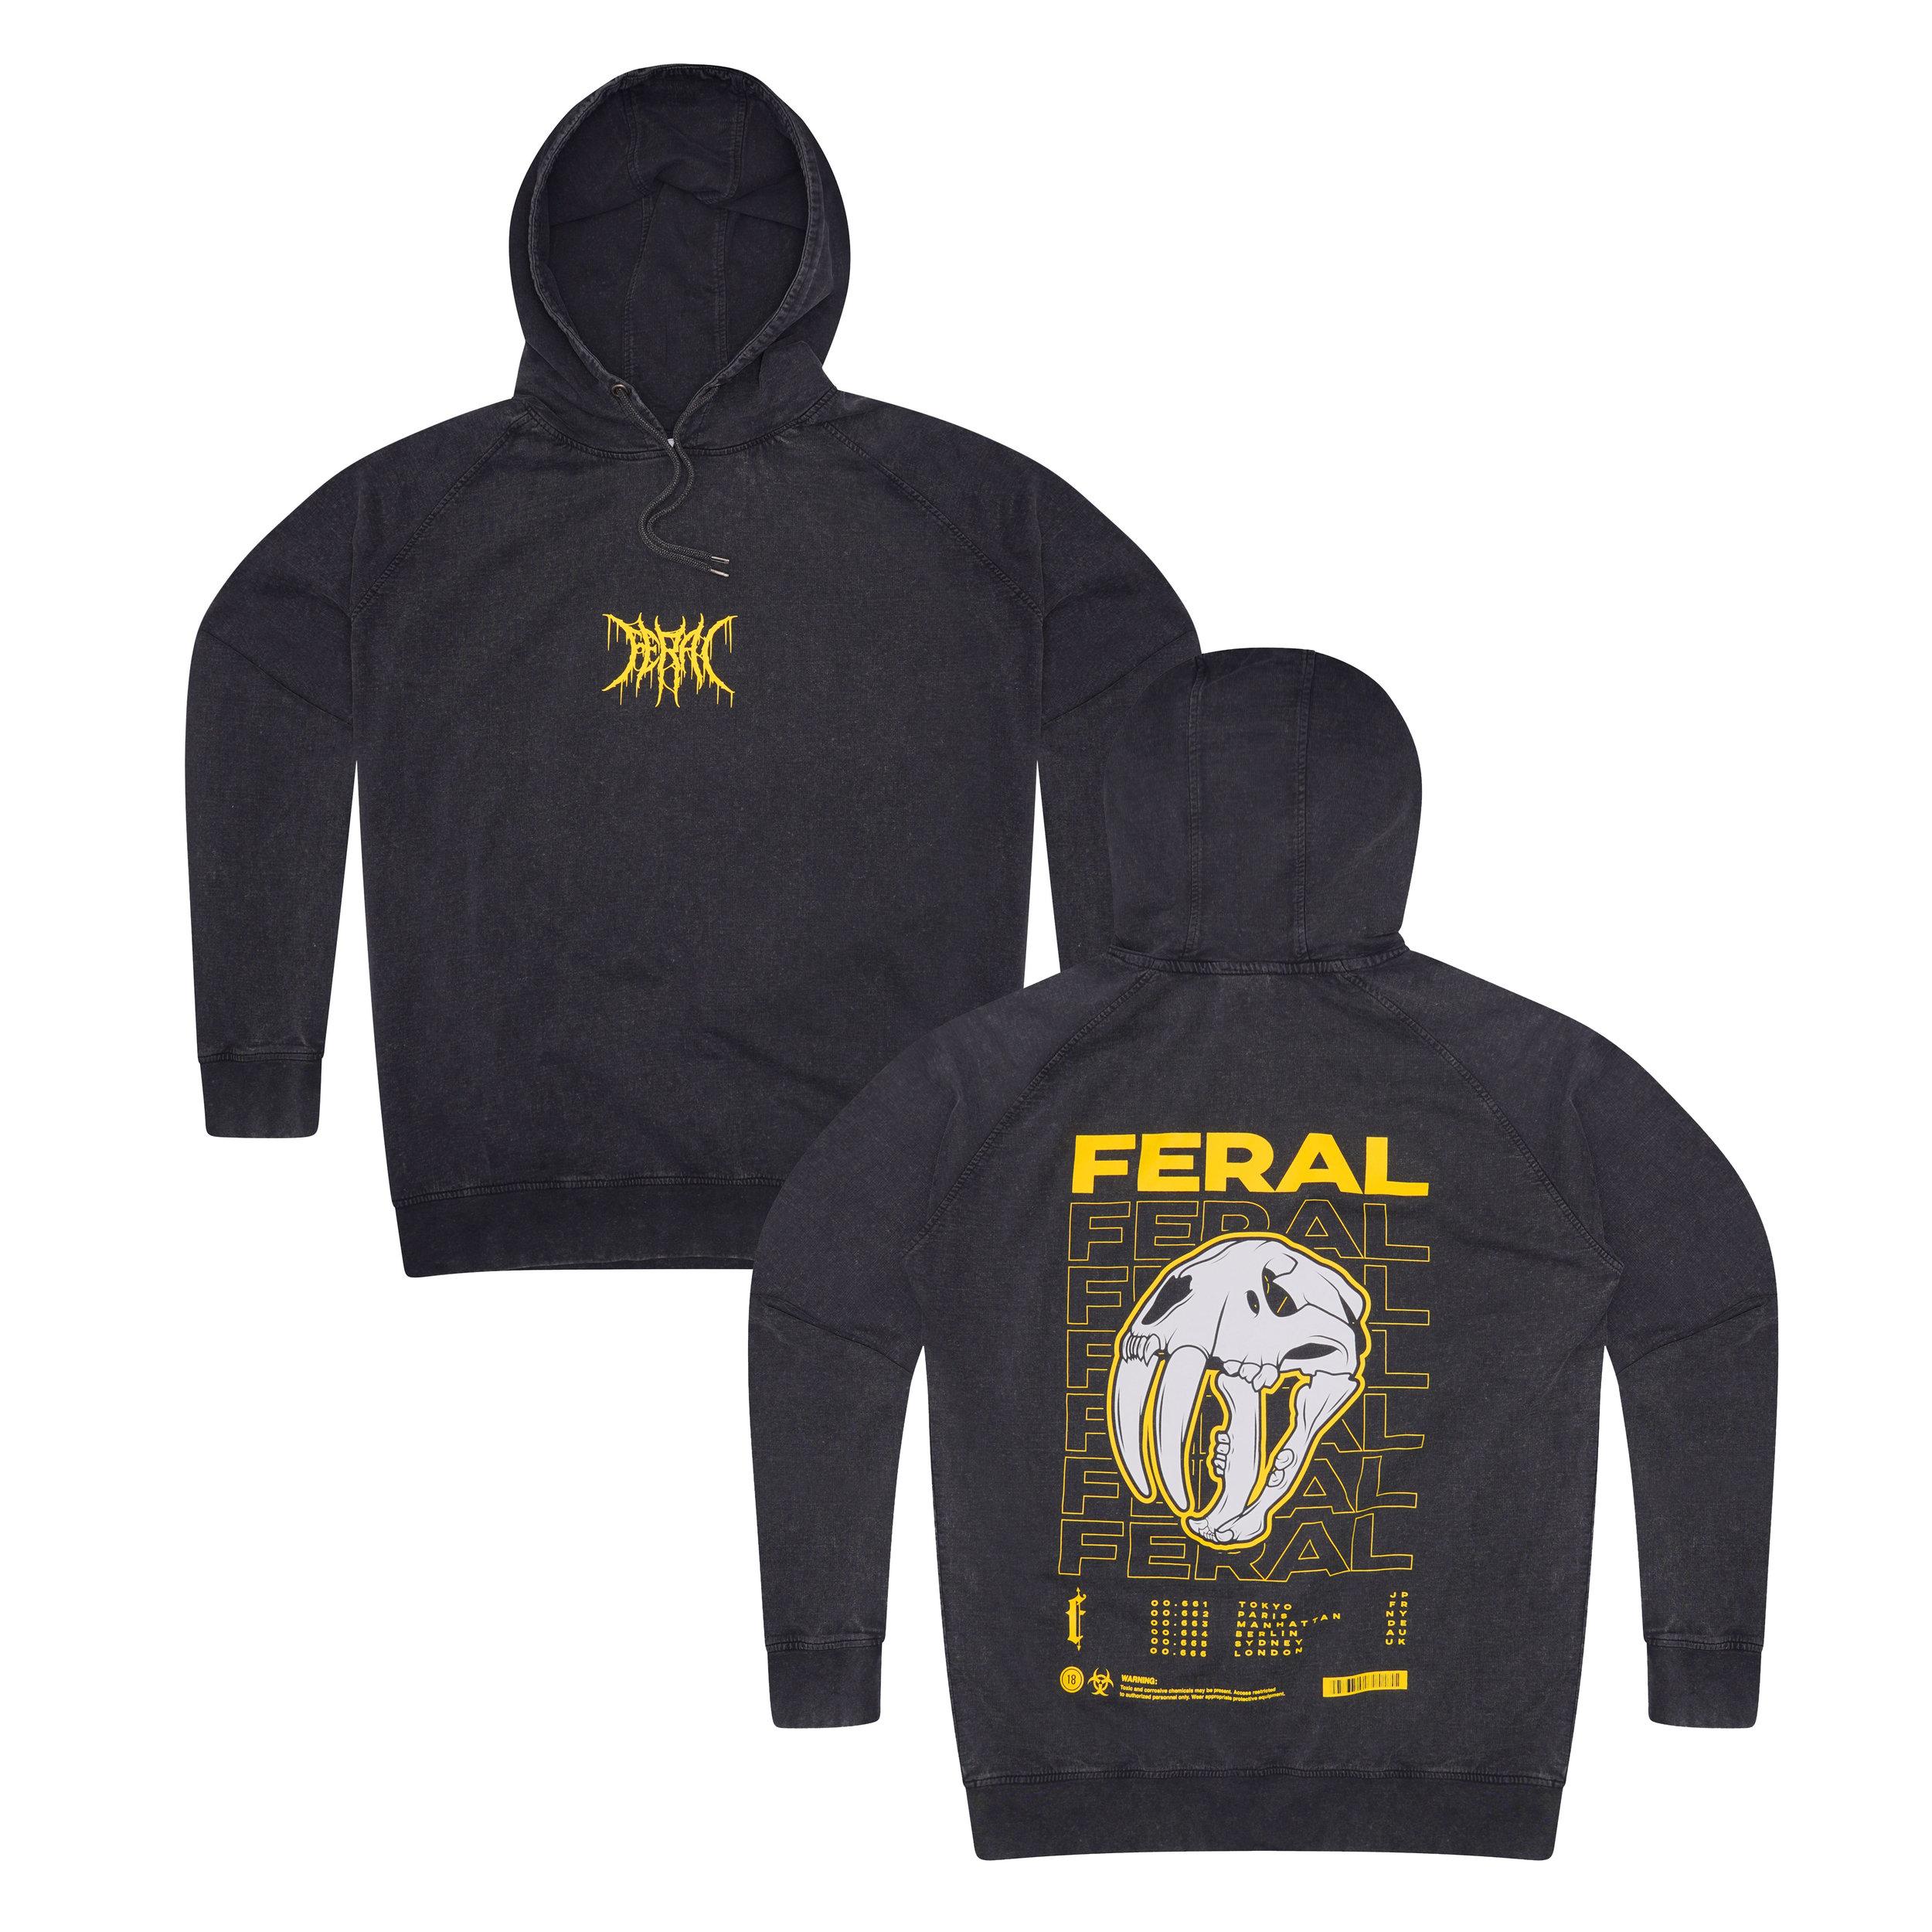 Feral 'Final Tour' Oversized Hoodie - Acid Wash Black — UN:IK Clothing